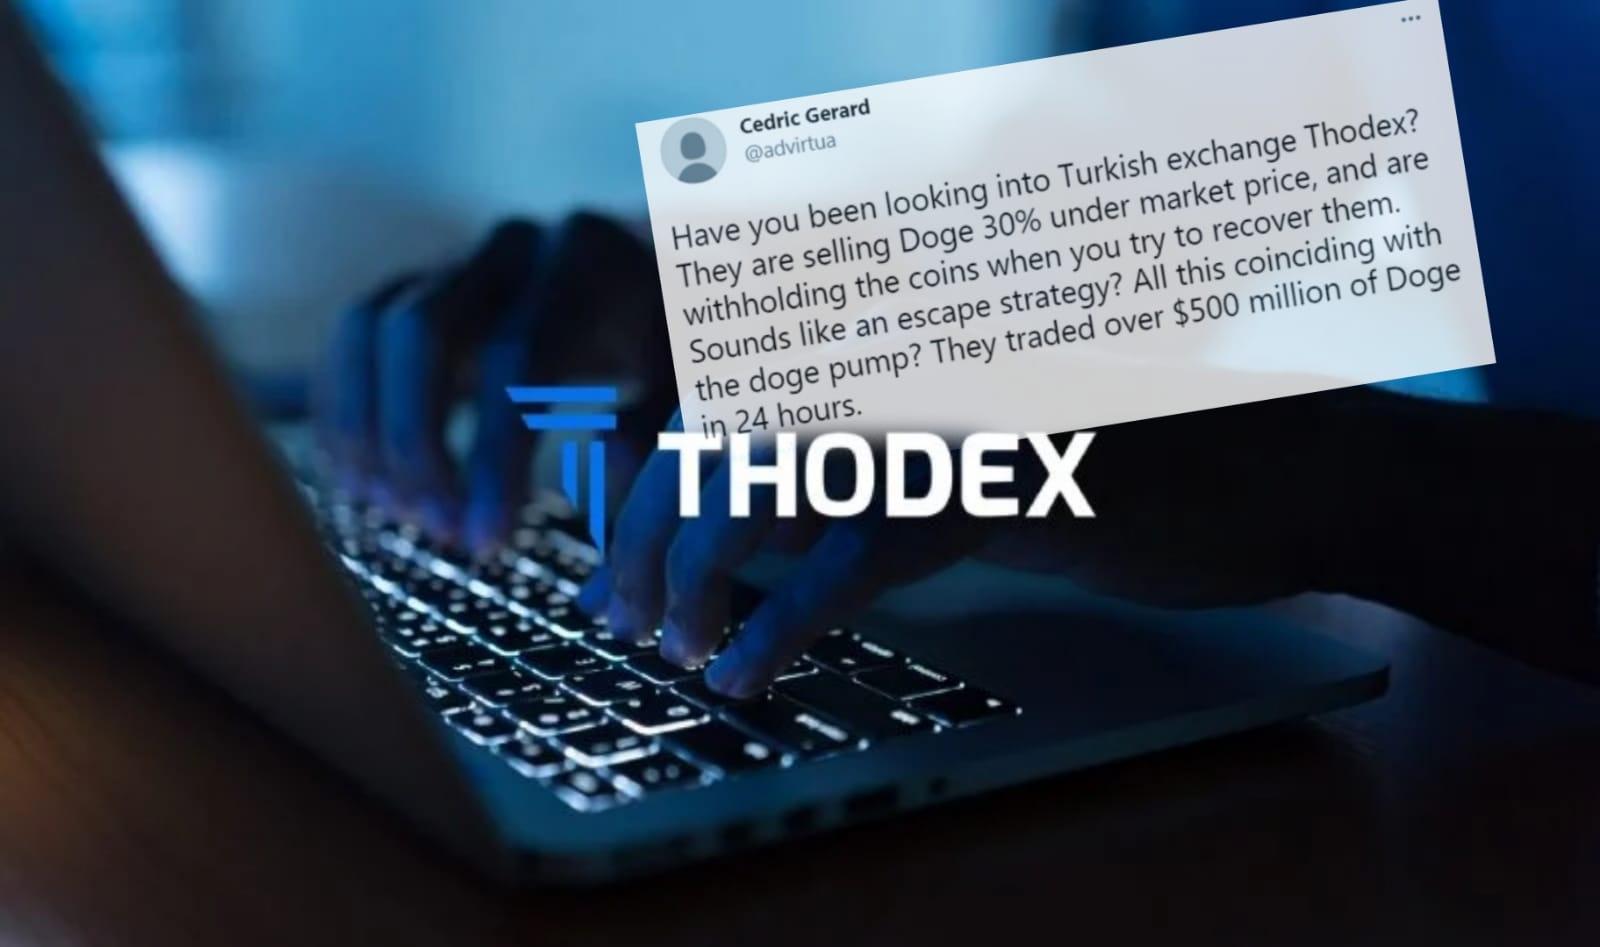 Thodex'te olacakları adeta üç gün öncesinde yazmış